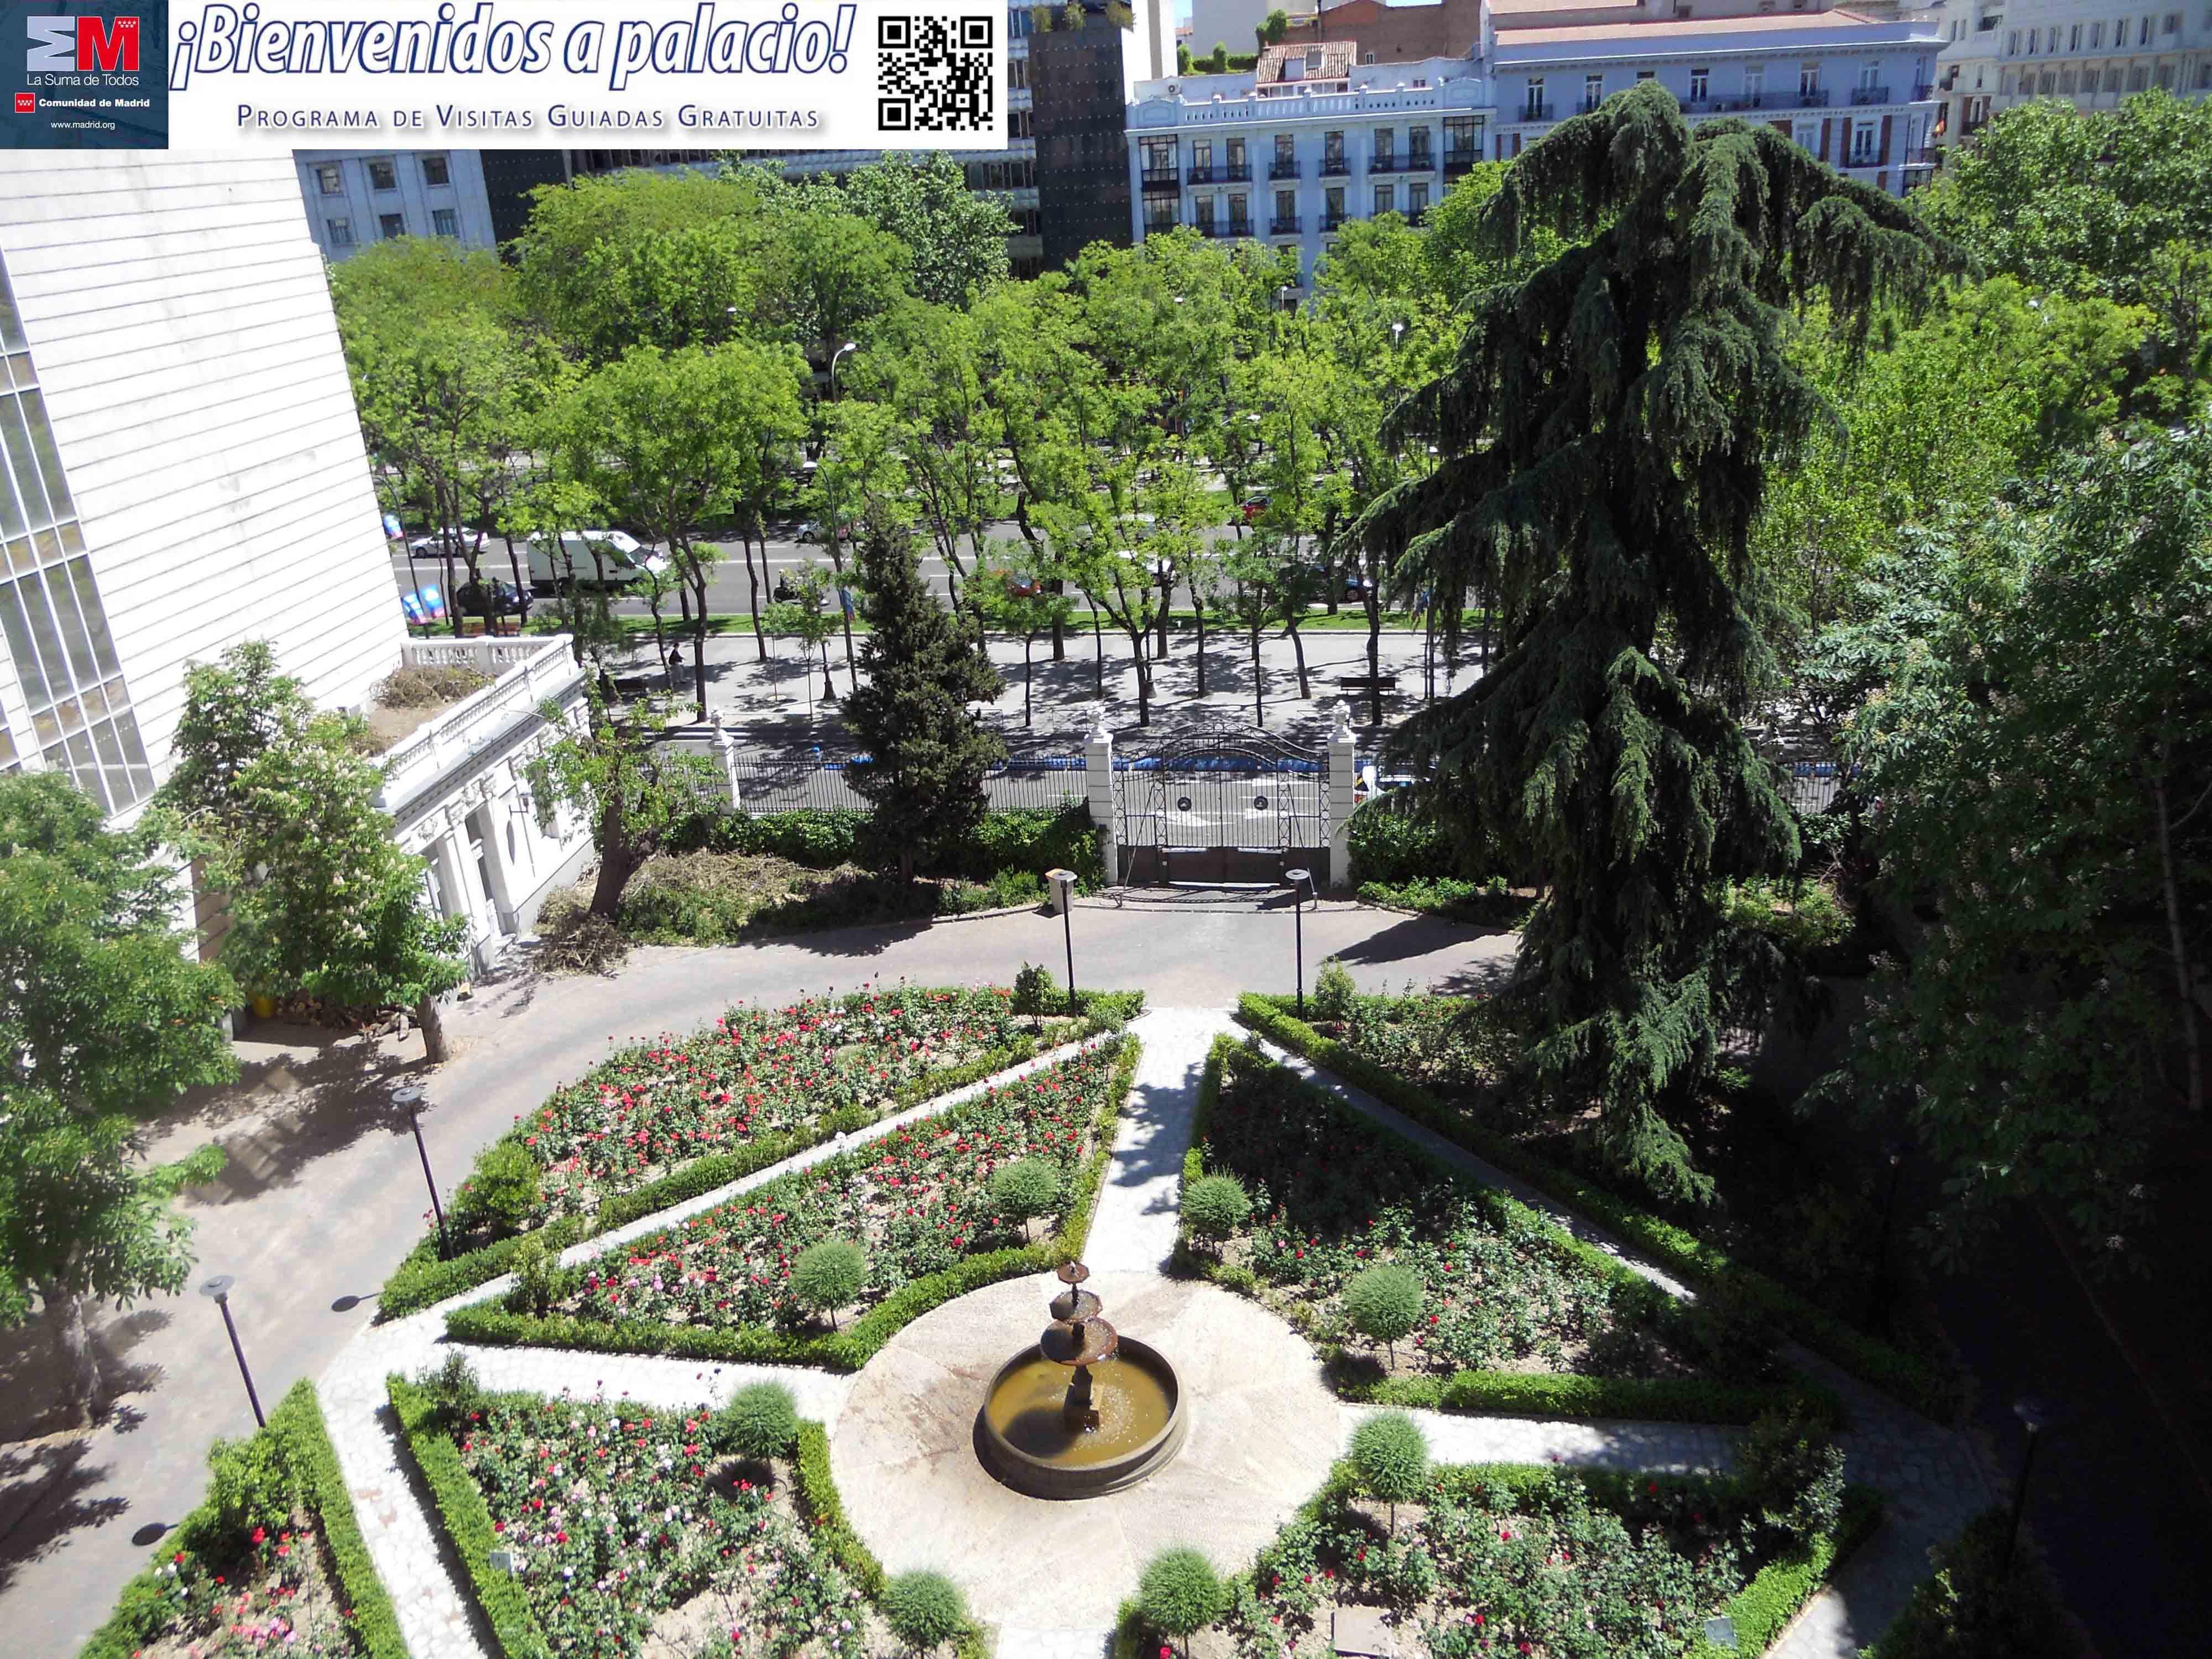 Jardines del palacio de Fontalba, sede de la Fiscalía General del Estado.